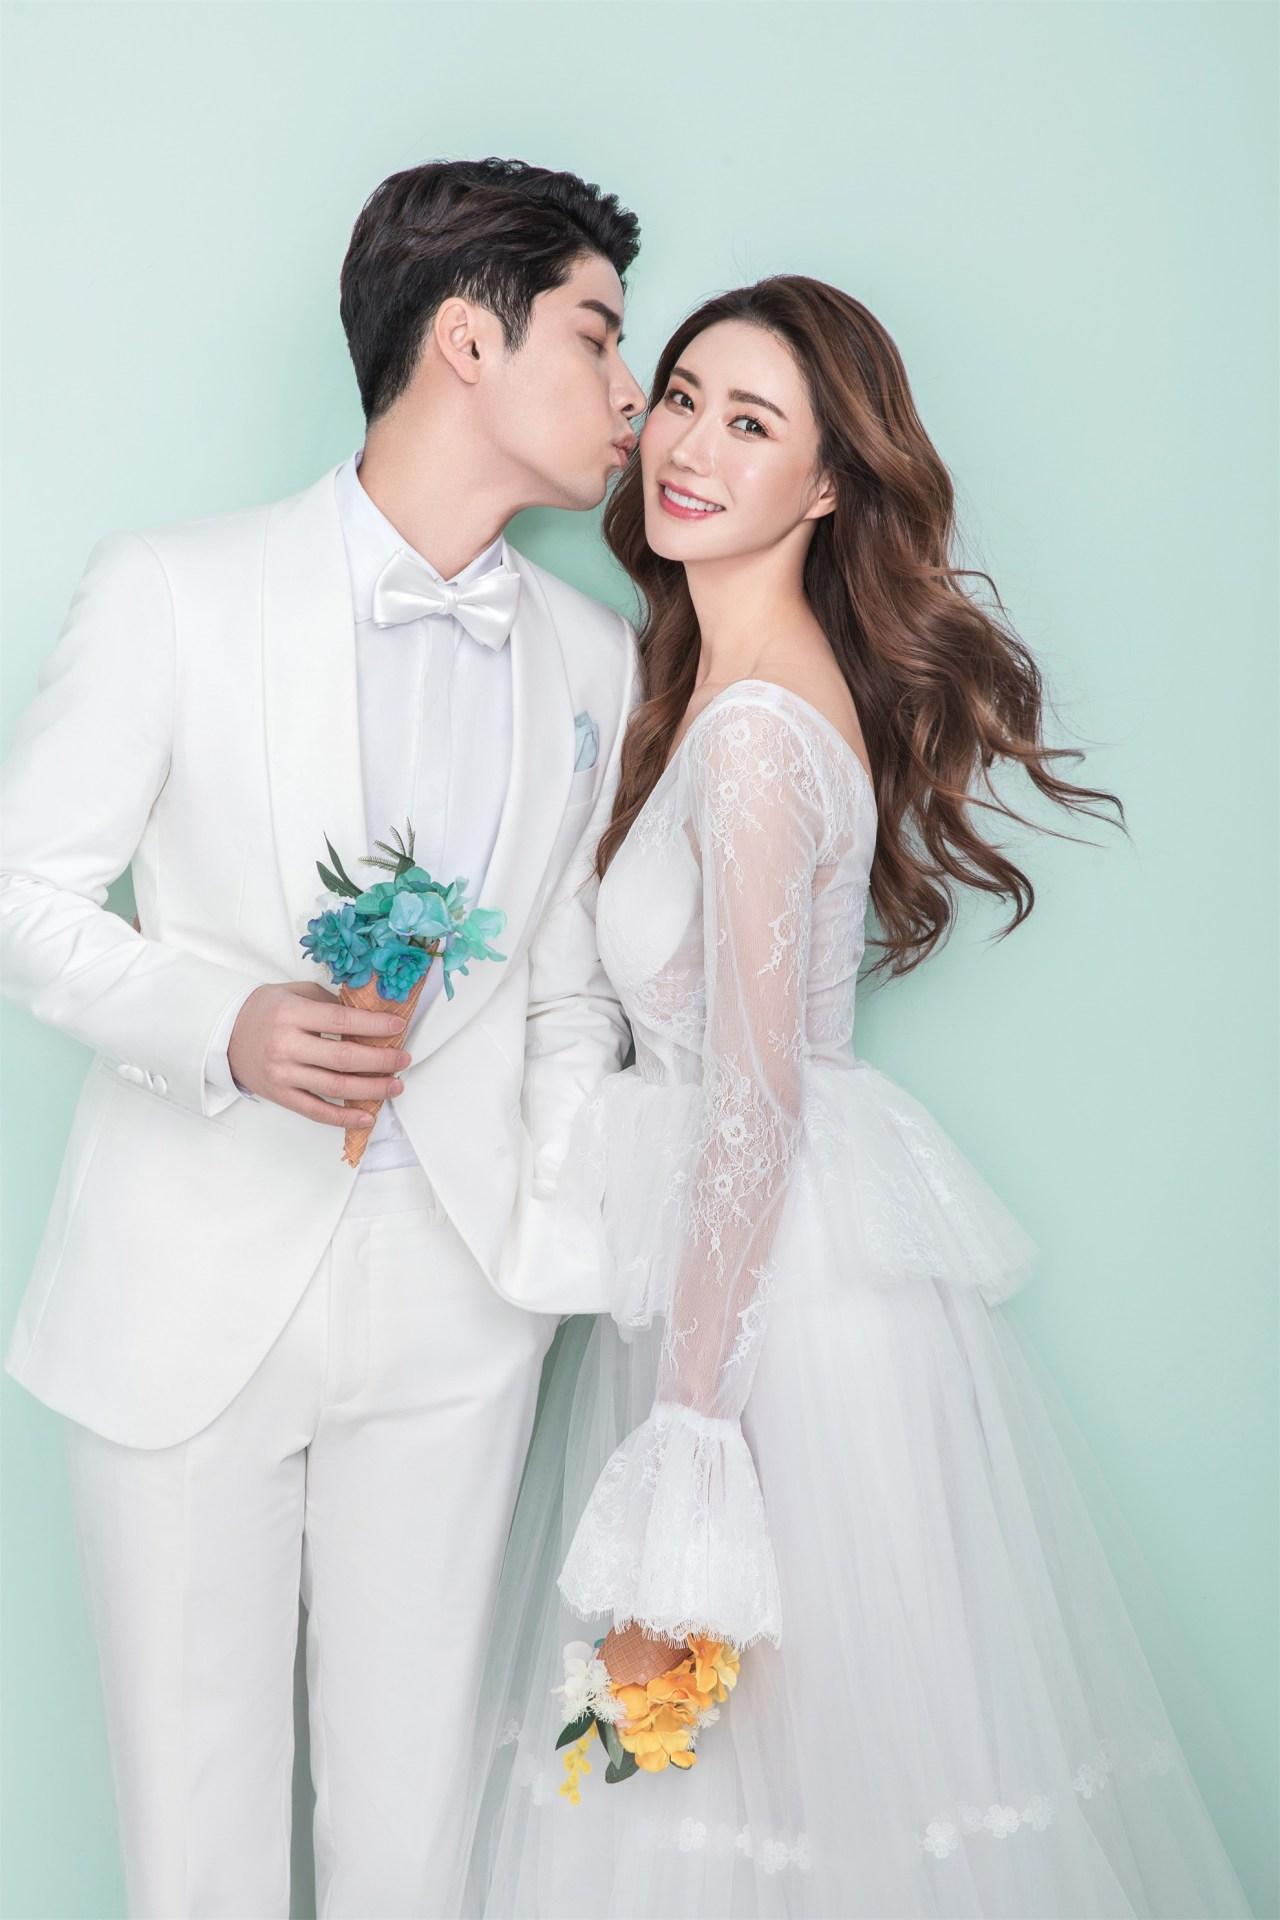 台灣 婚紗品牌 禮服婚紗品牌 手工婚紗 手工禮服